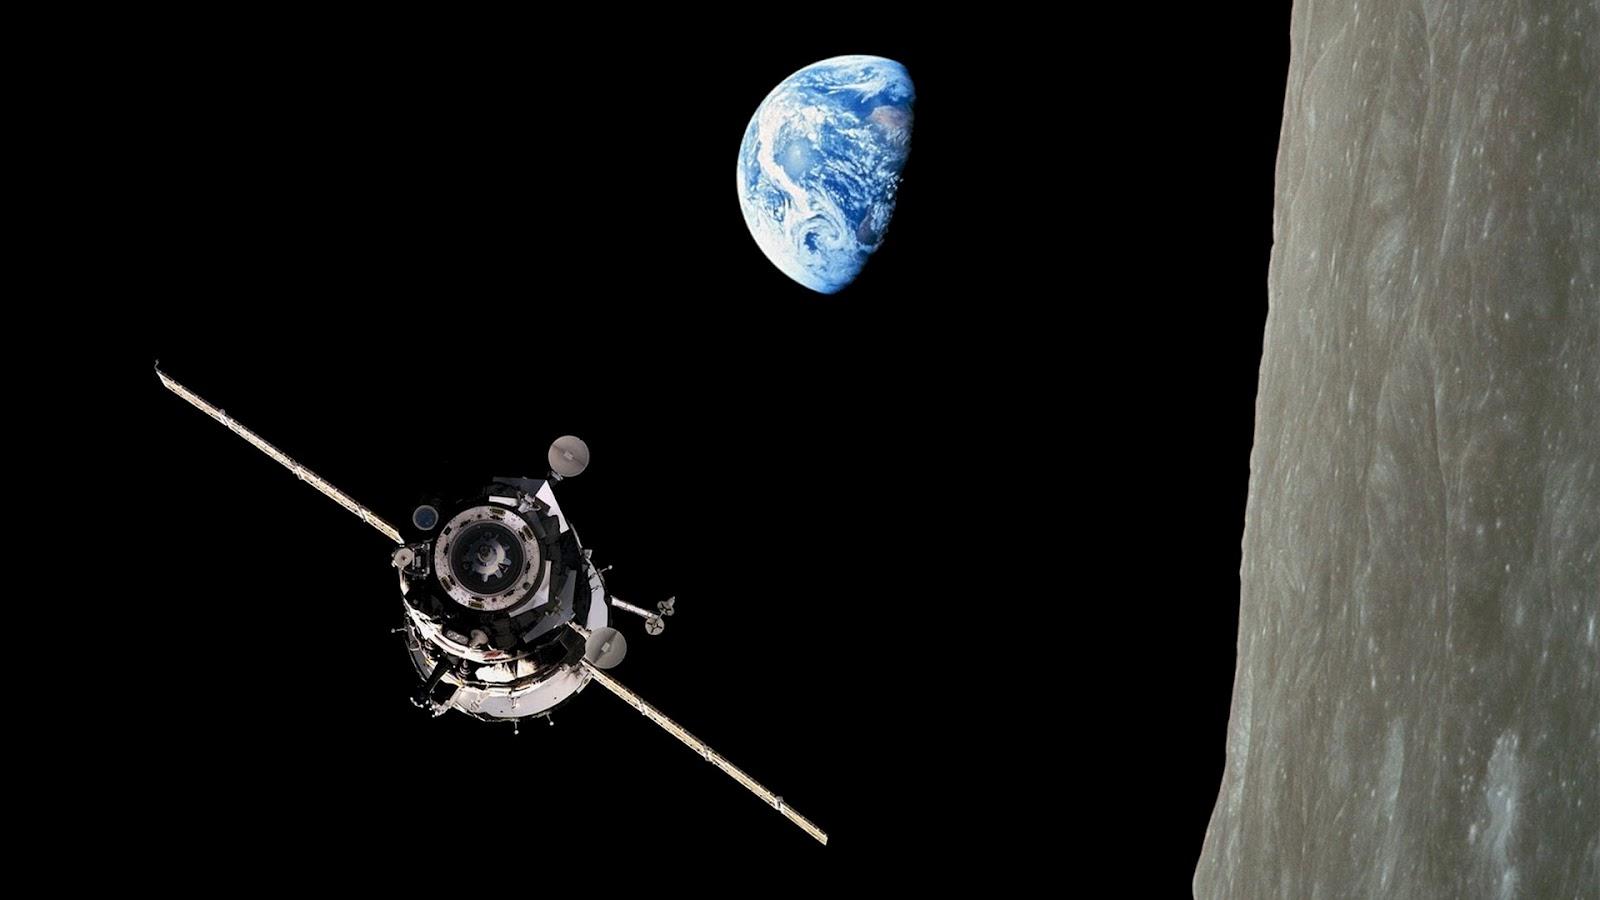 http://3.bp.blogspot.com/-AAj8MpjYoII/UCY2w1_8eII/AAAAAAAAMZs/hfnS-Dzq_Xk/s1600/earth-from-space.jpg